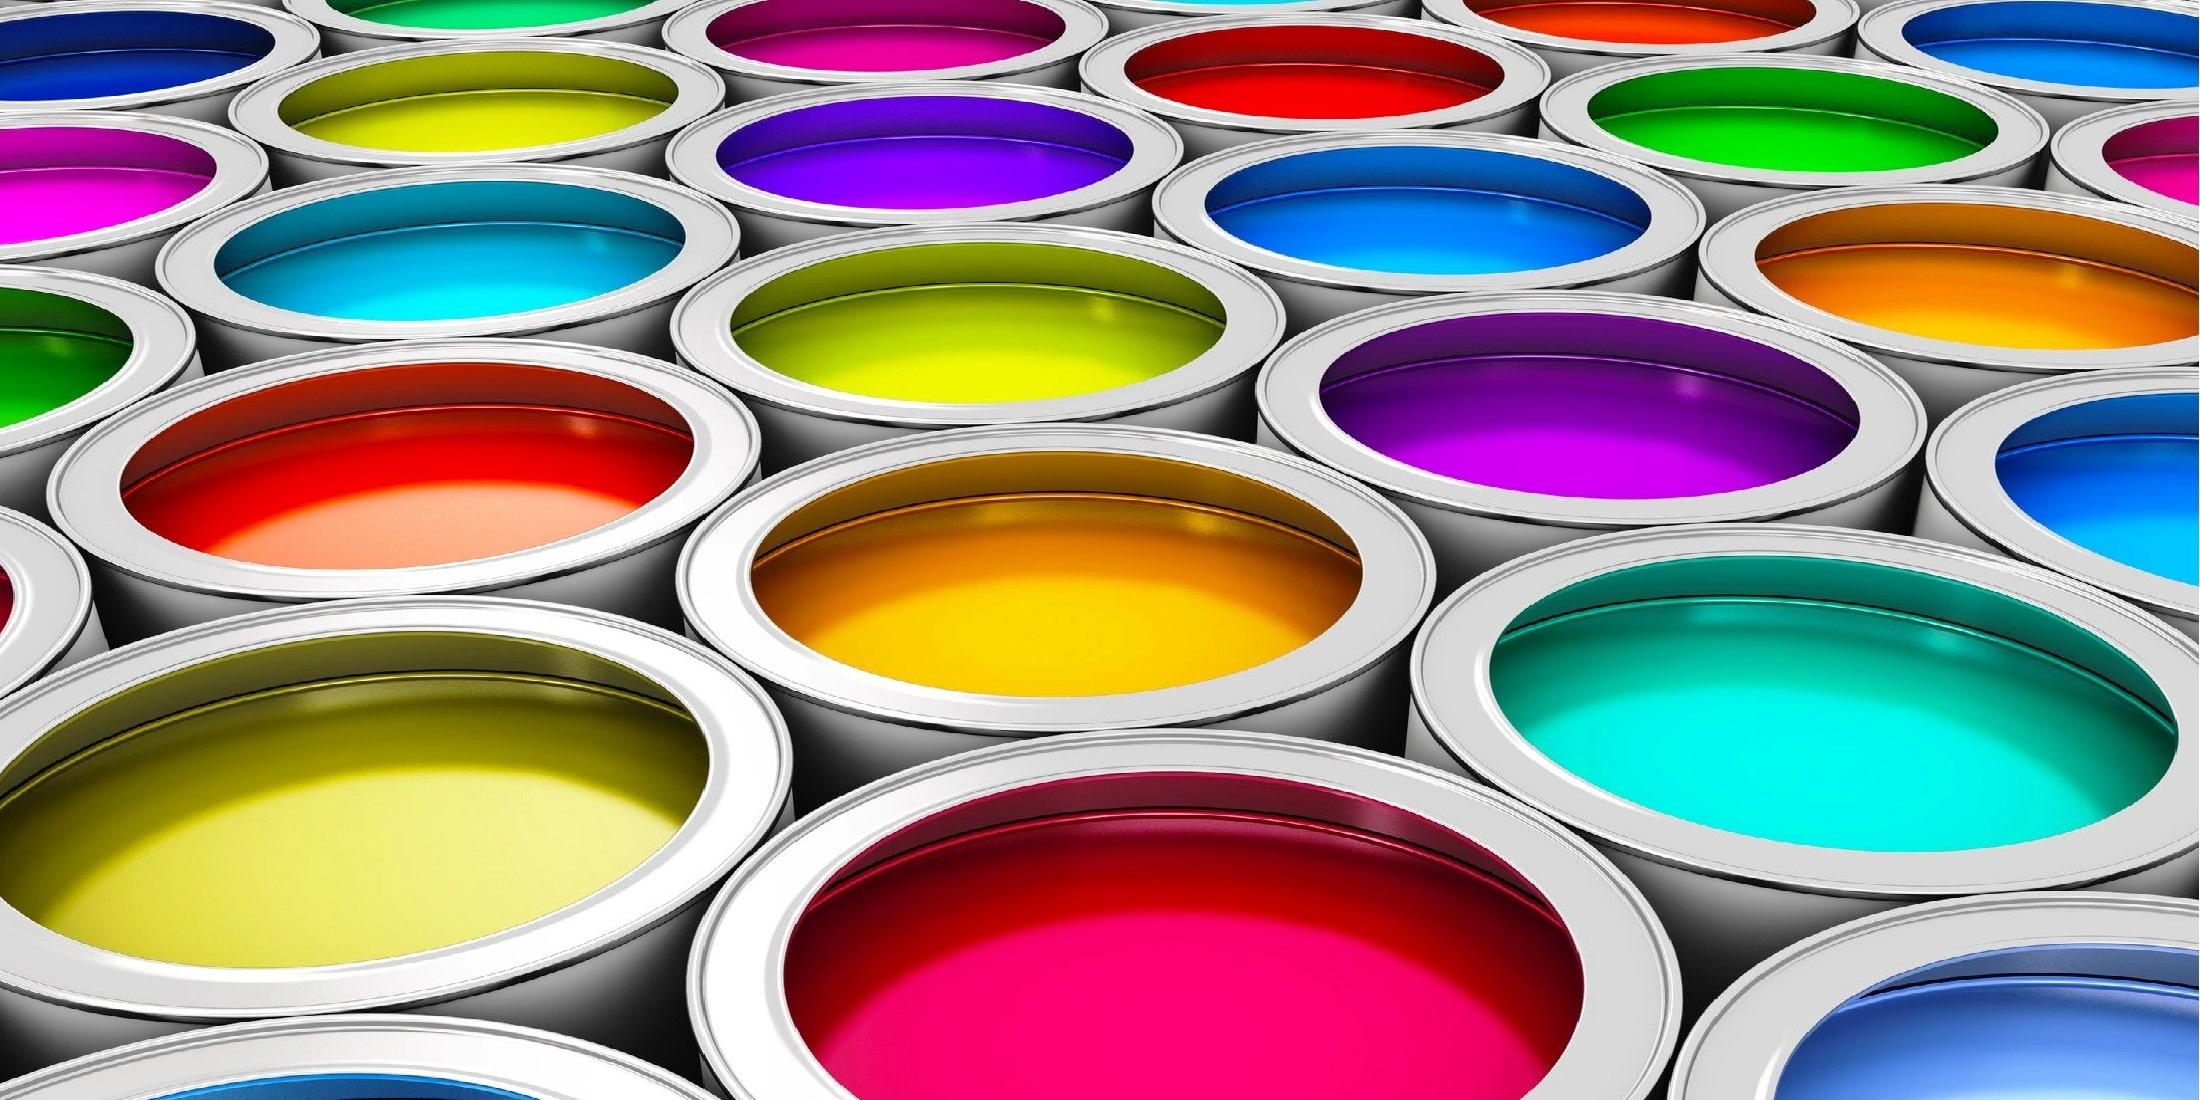 Белорусские фасадные краски Рефреш - тема данного материала, в рамках которого мы при помощи компании-производителя познакомим вас с данной маркой лакокрасочных изделий